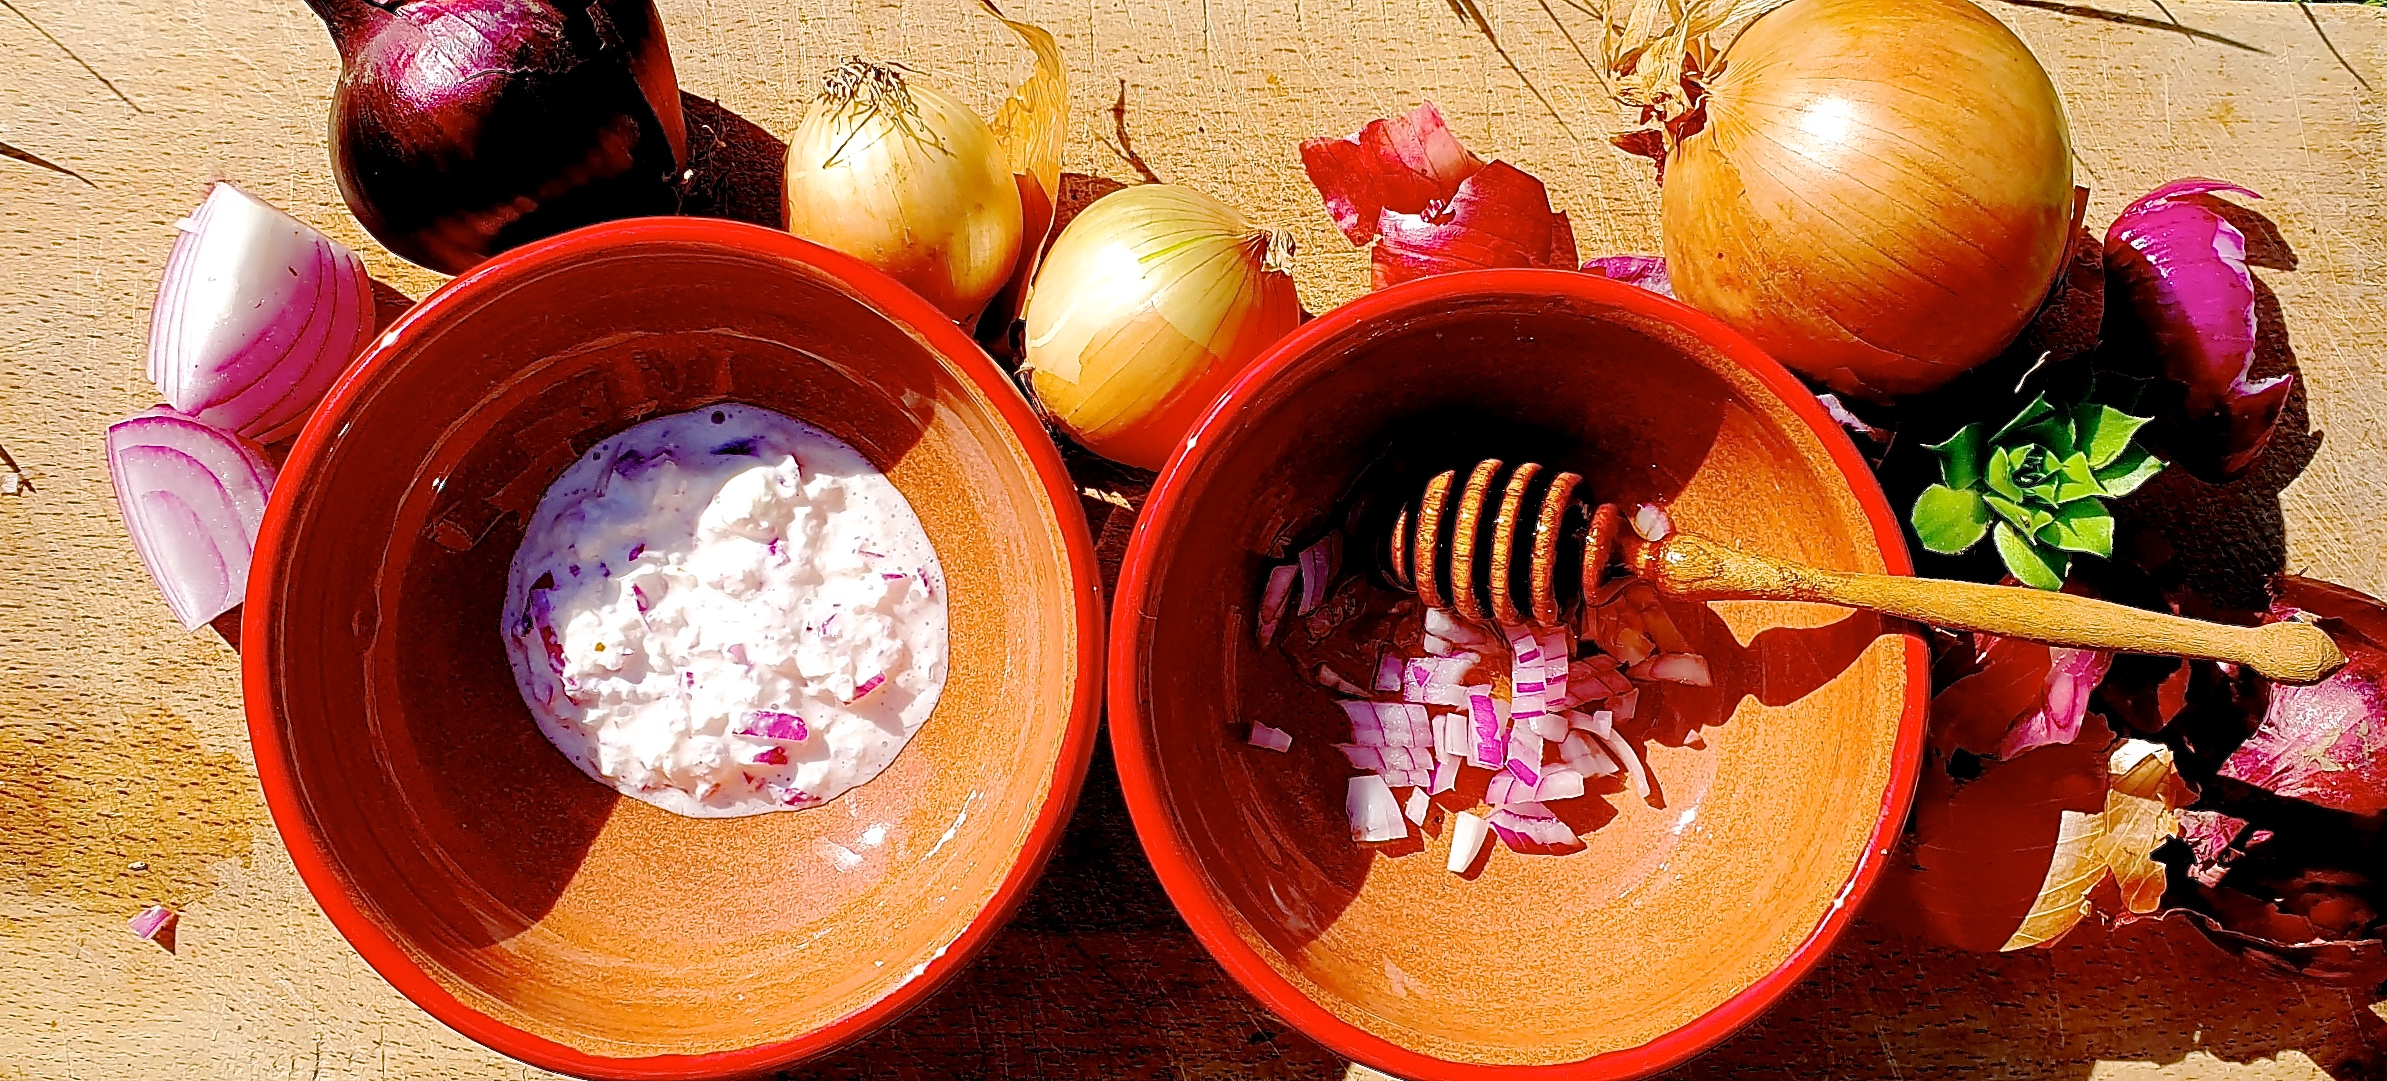 Zwiebel aufgeschnitten in Schale mit Joghurt